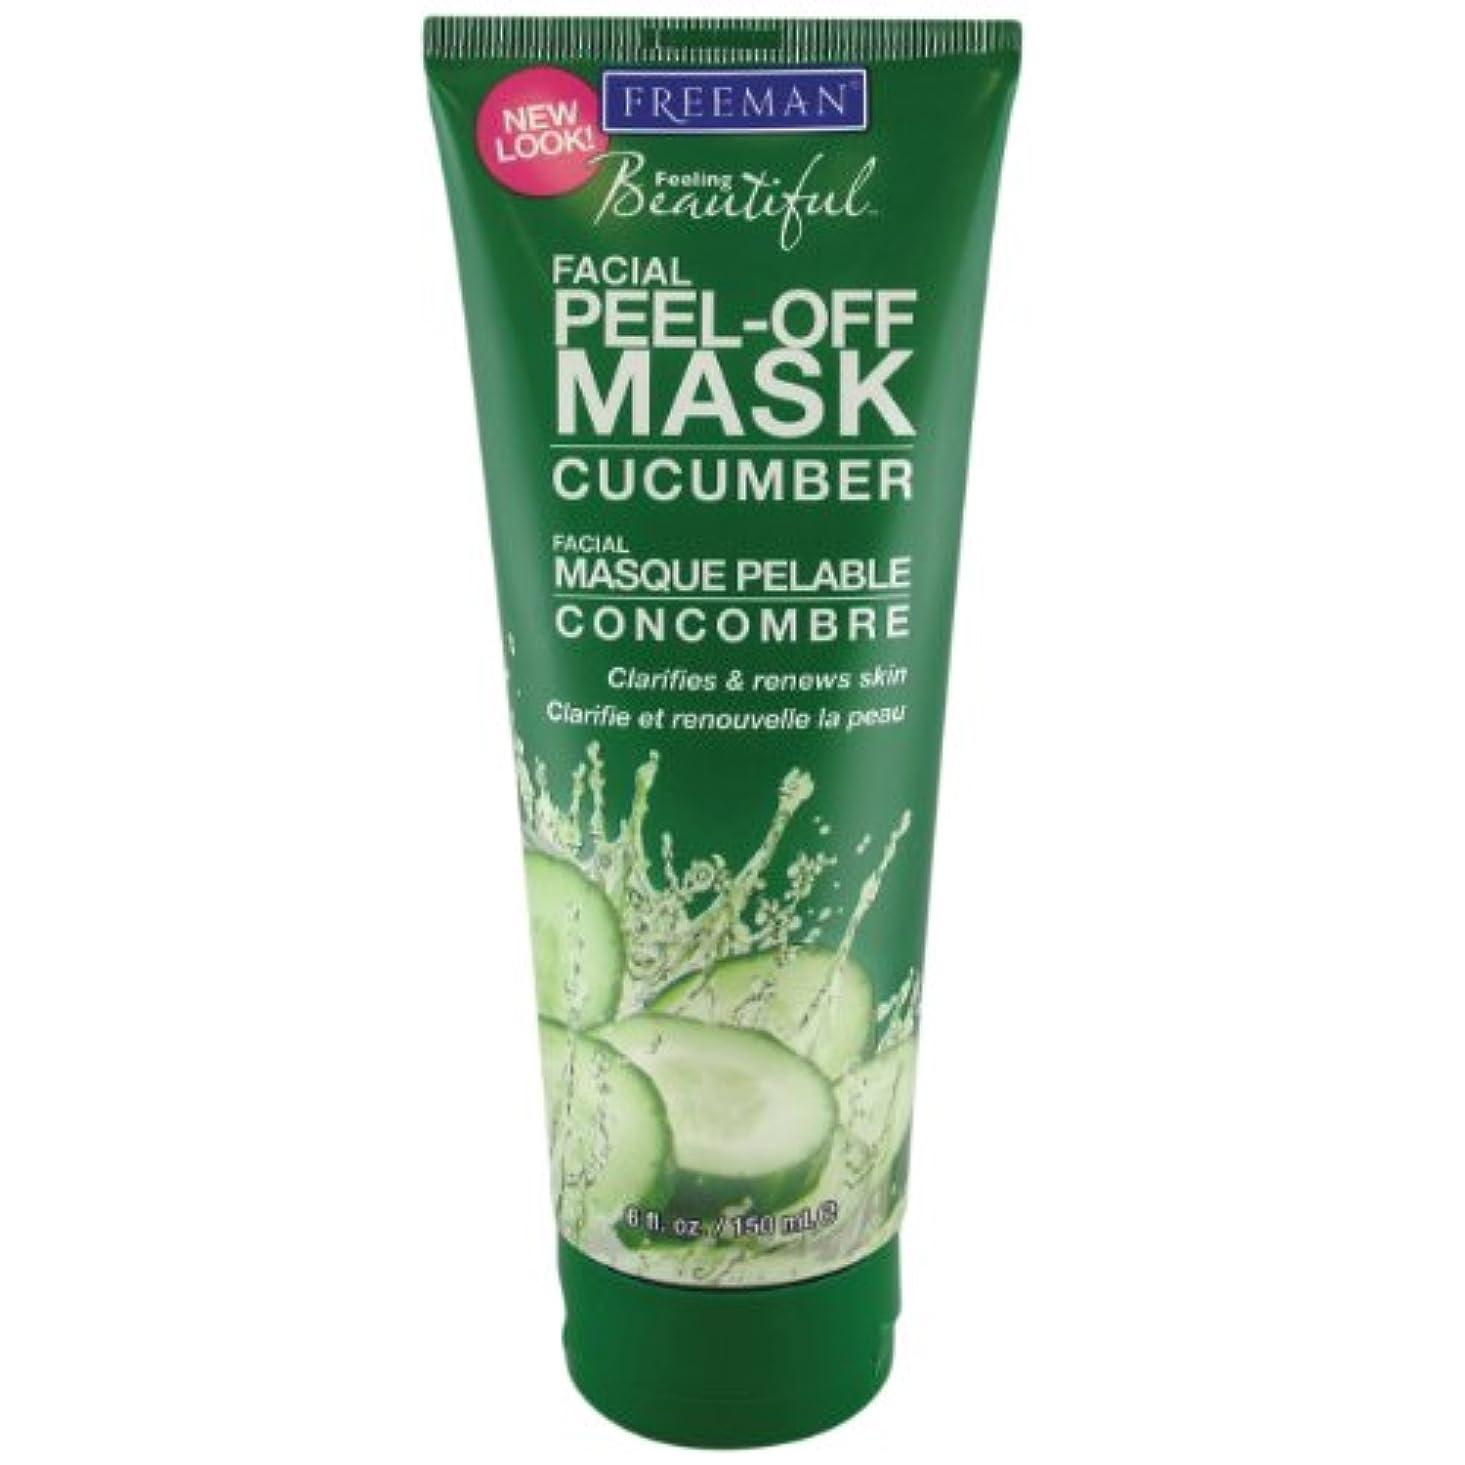 無関心拡散するロック解除Freeman Facial Peel-Off Mask Cucumber 150 ml (並行輸入品)